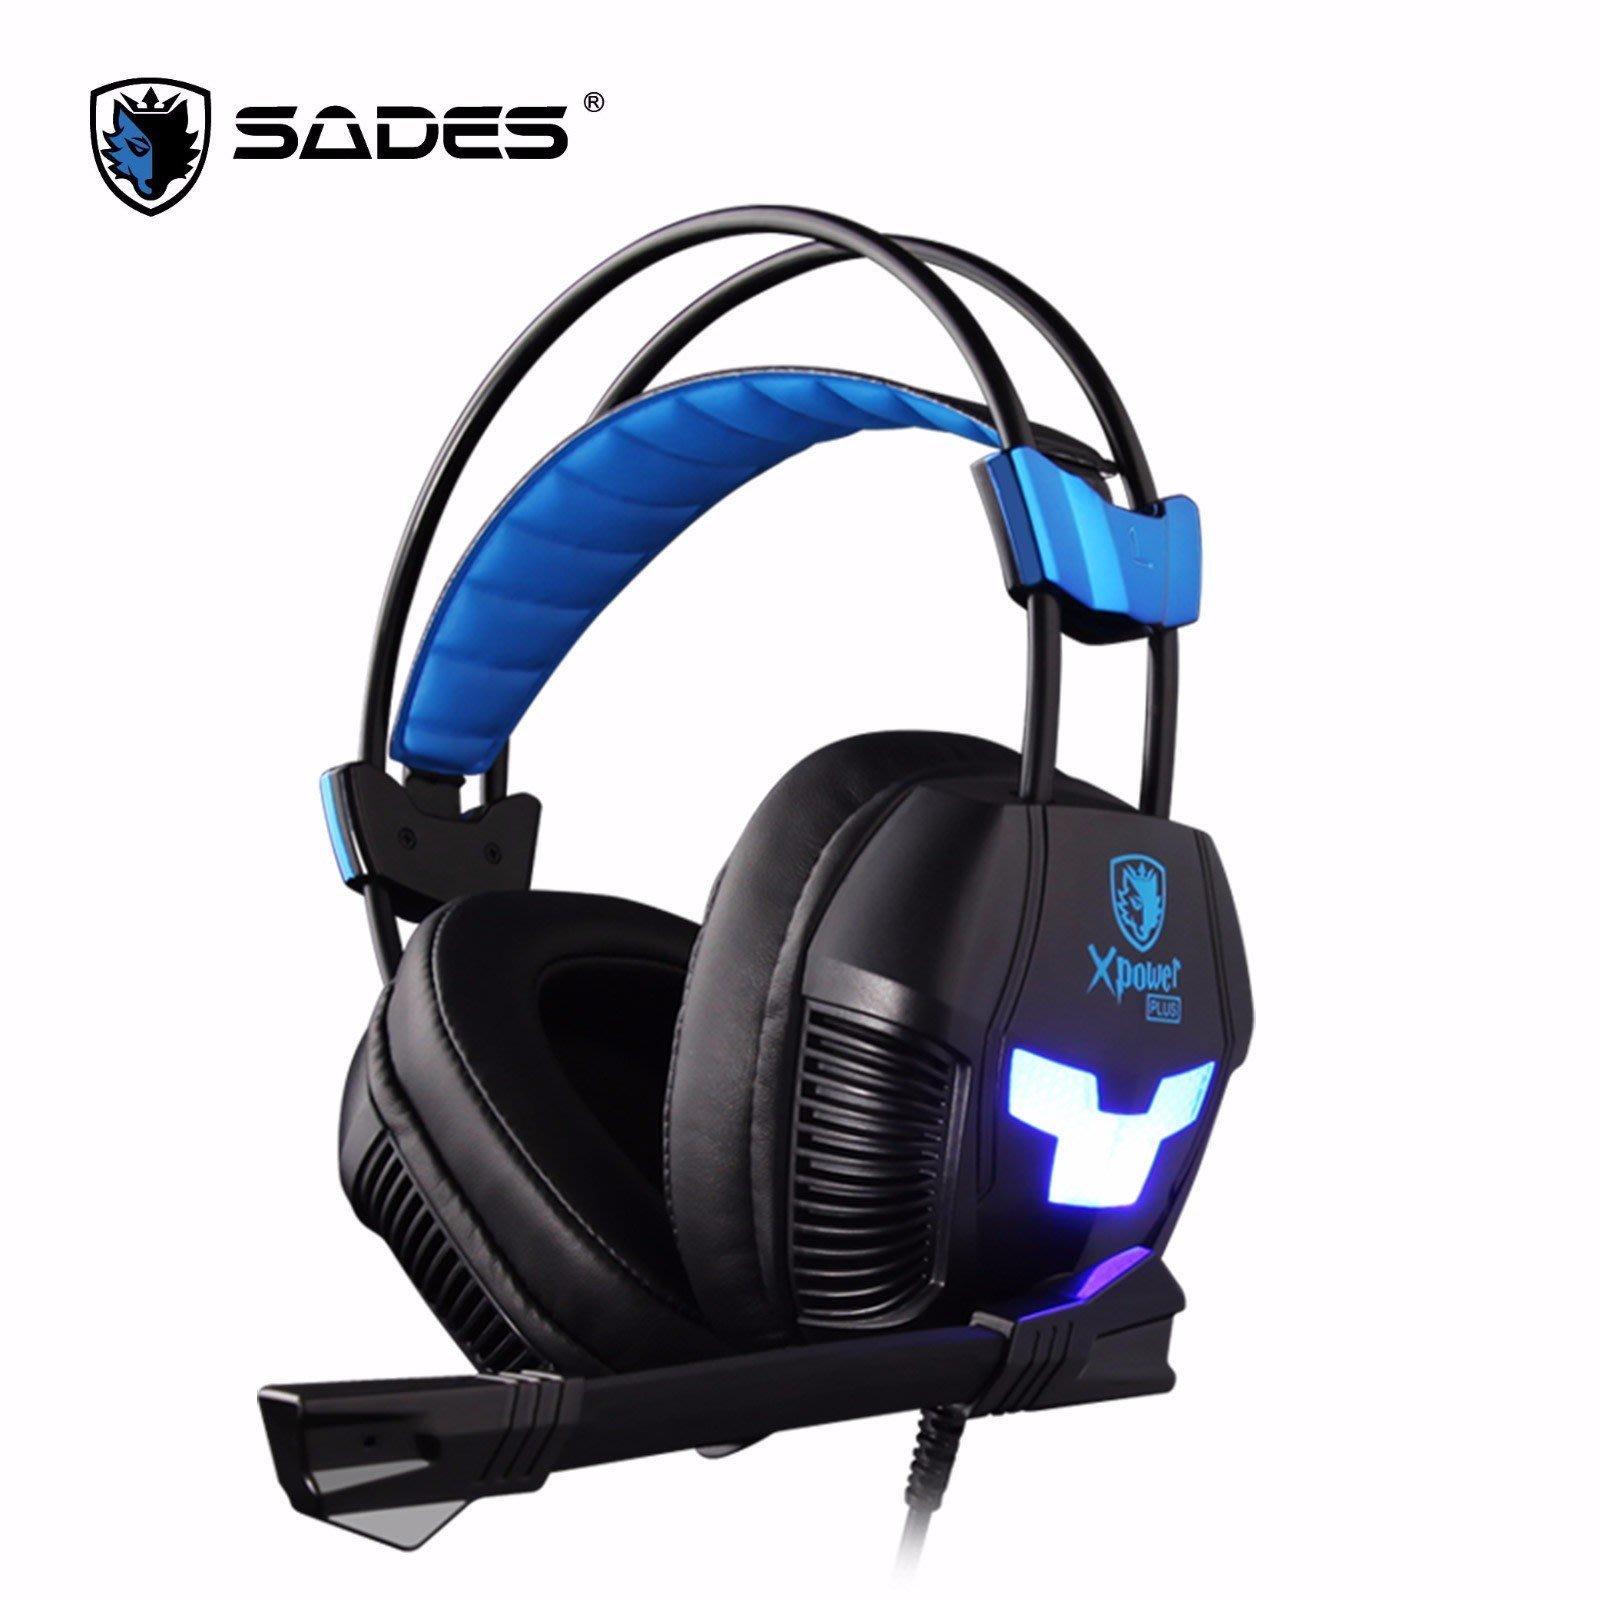 【鳥鵬電腦】SADES 賽德斯 SA-706S XPOWER PLUS 極限之力S 震動式電競耳麥 USB 線控